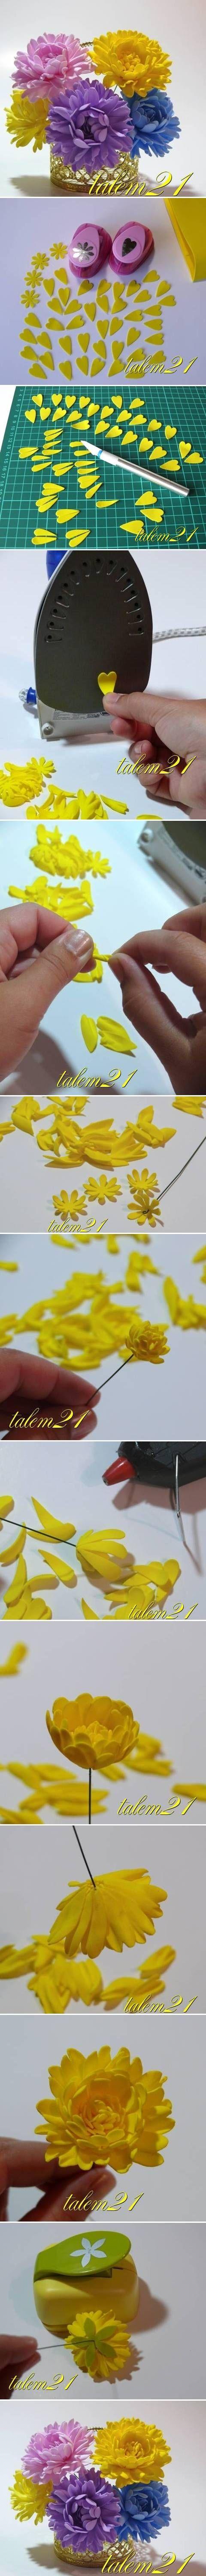 DIY Small Chrysanthemum Flower DIY Small Chrysanthemum Flower by diyforever